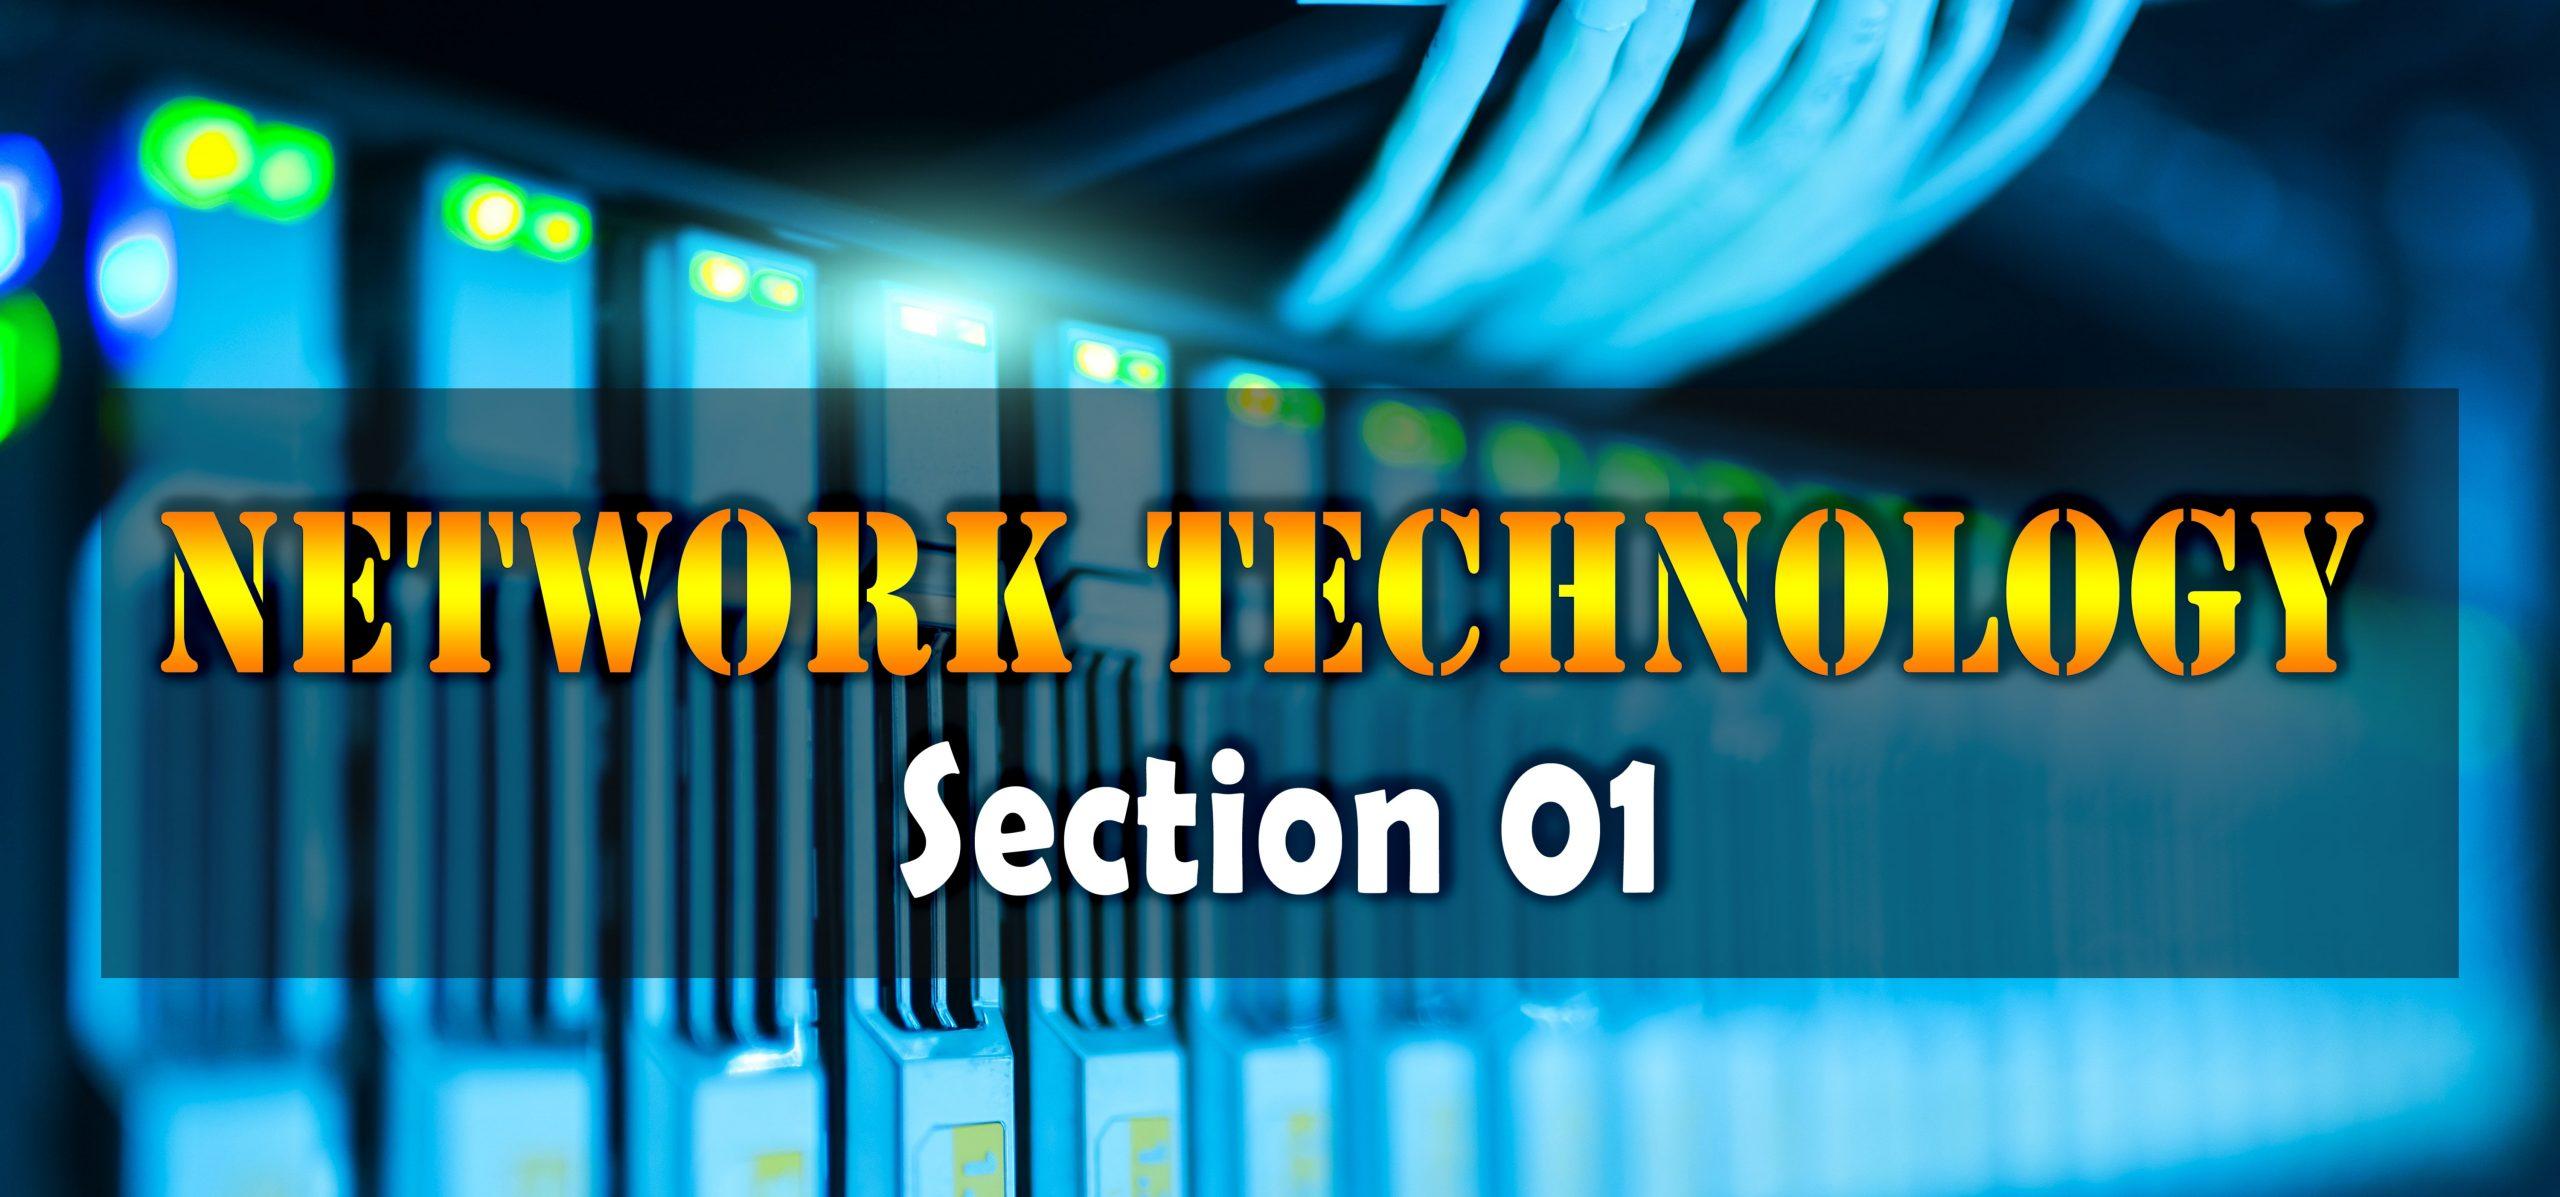 blog post 2 (Computer network sec 1)